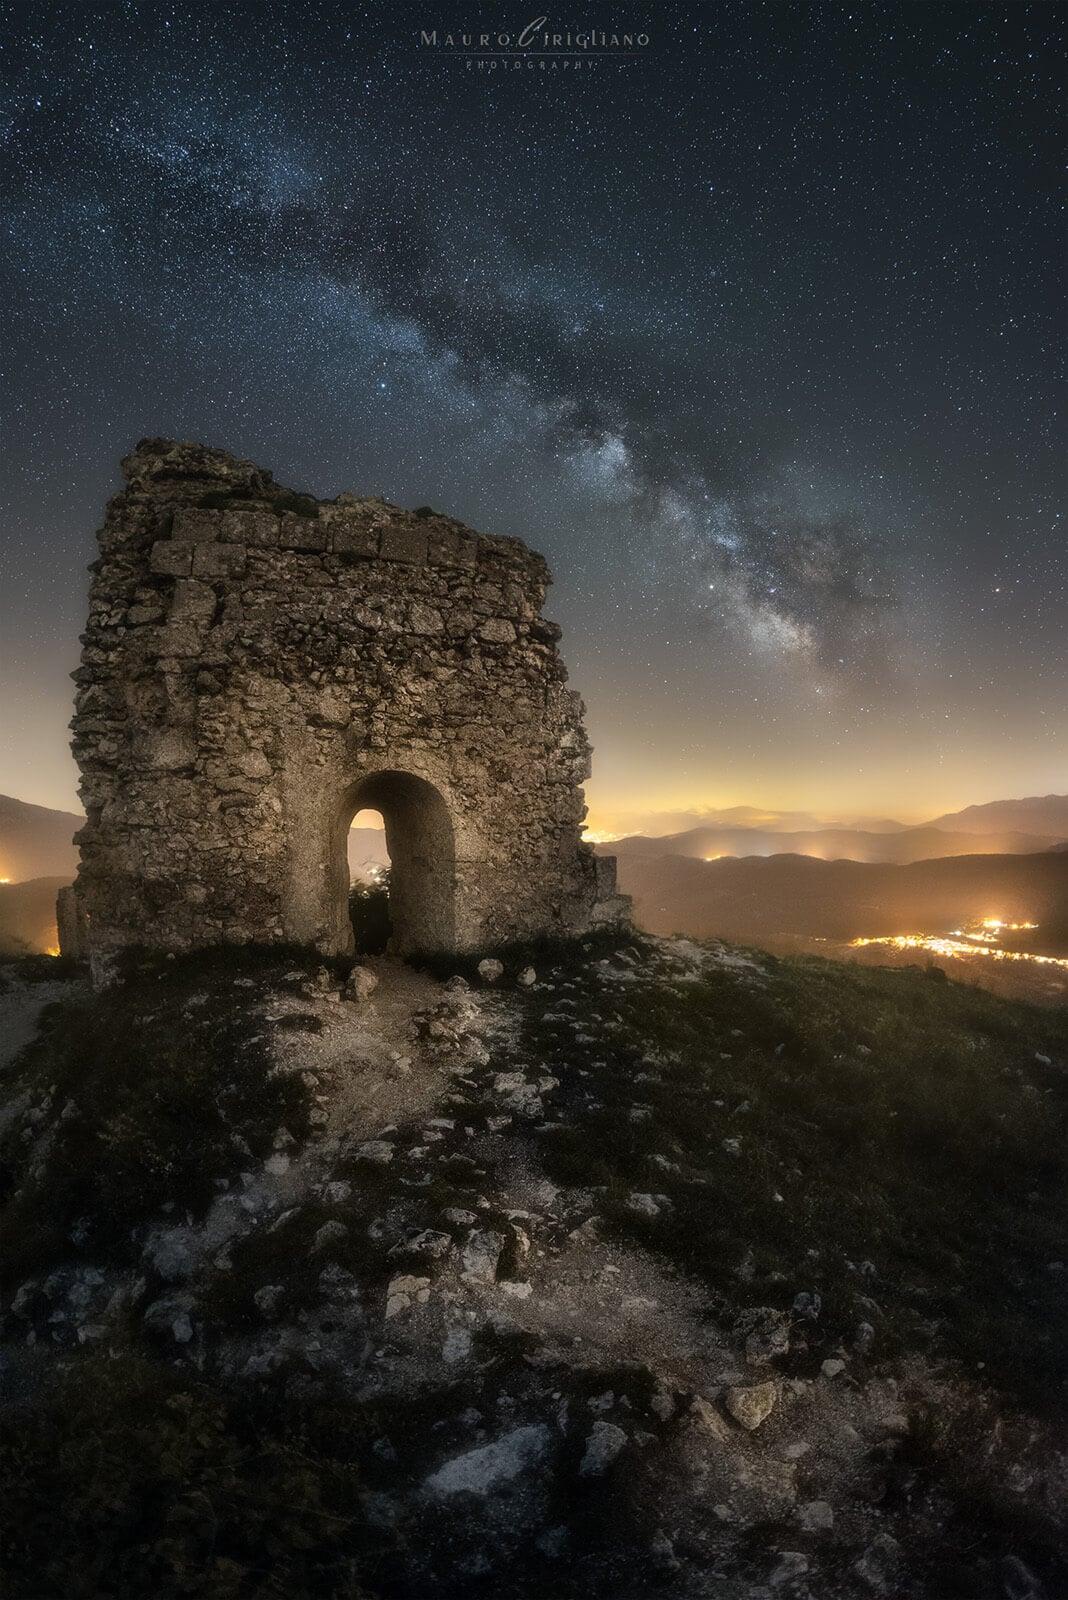 cielo stellato su rovine antiche in pietra